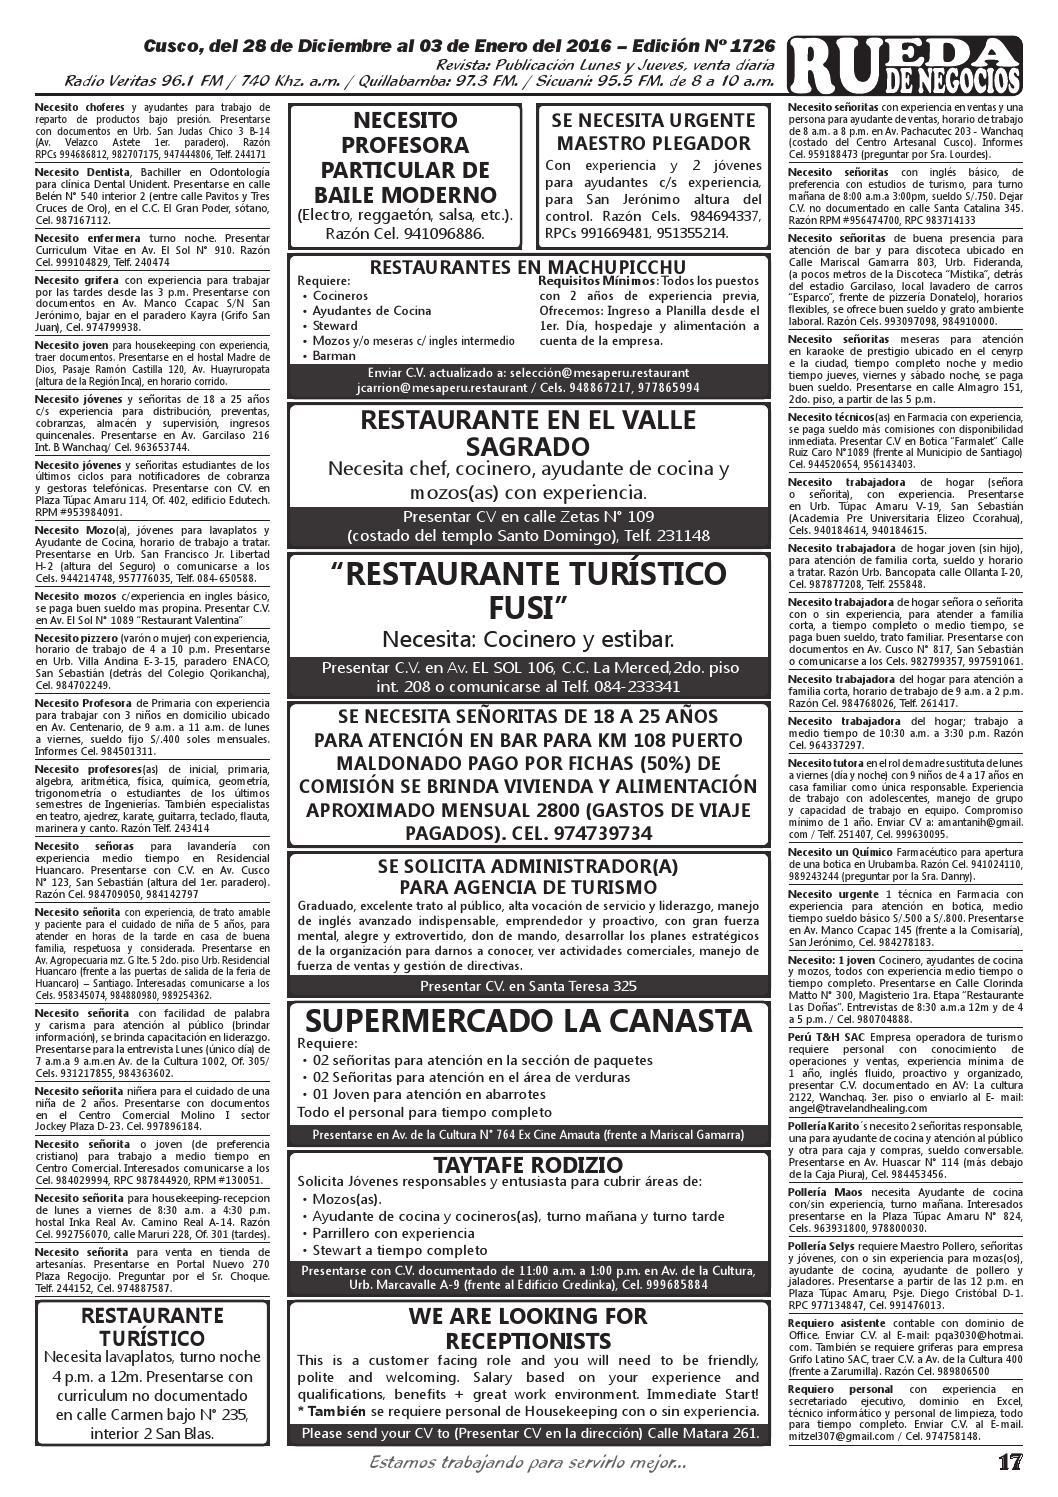 Excelente Experiencia De Barman En Currículum Imagen - Ejemplo De ...